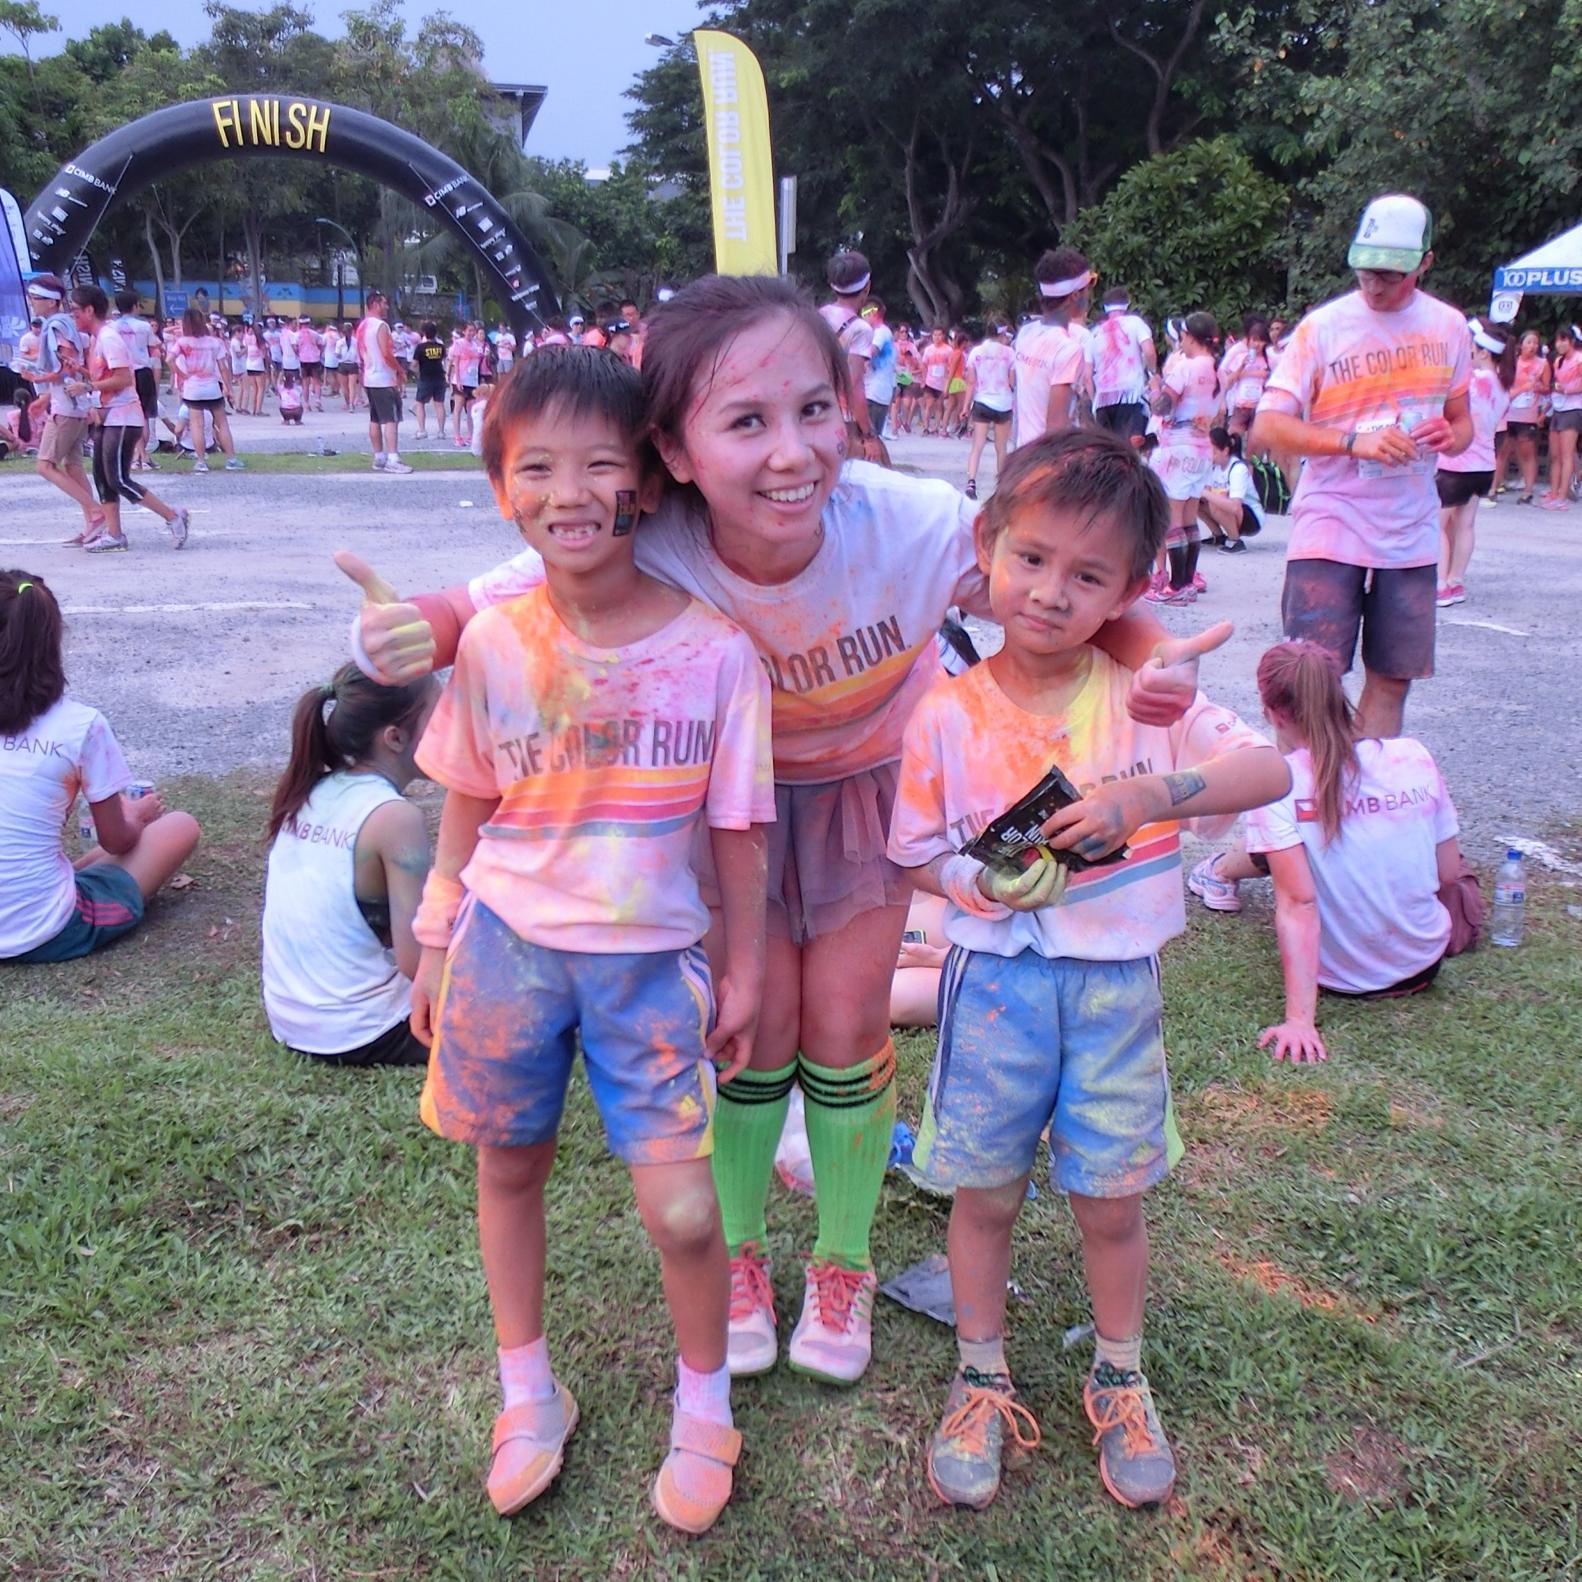 2014年带俩娃去参加color run